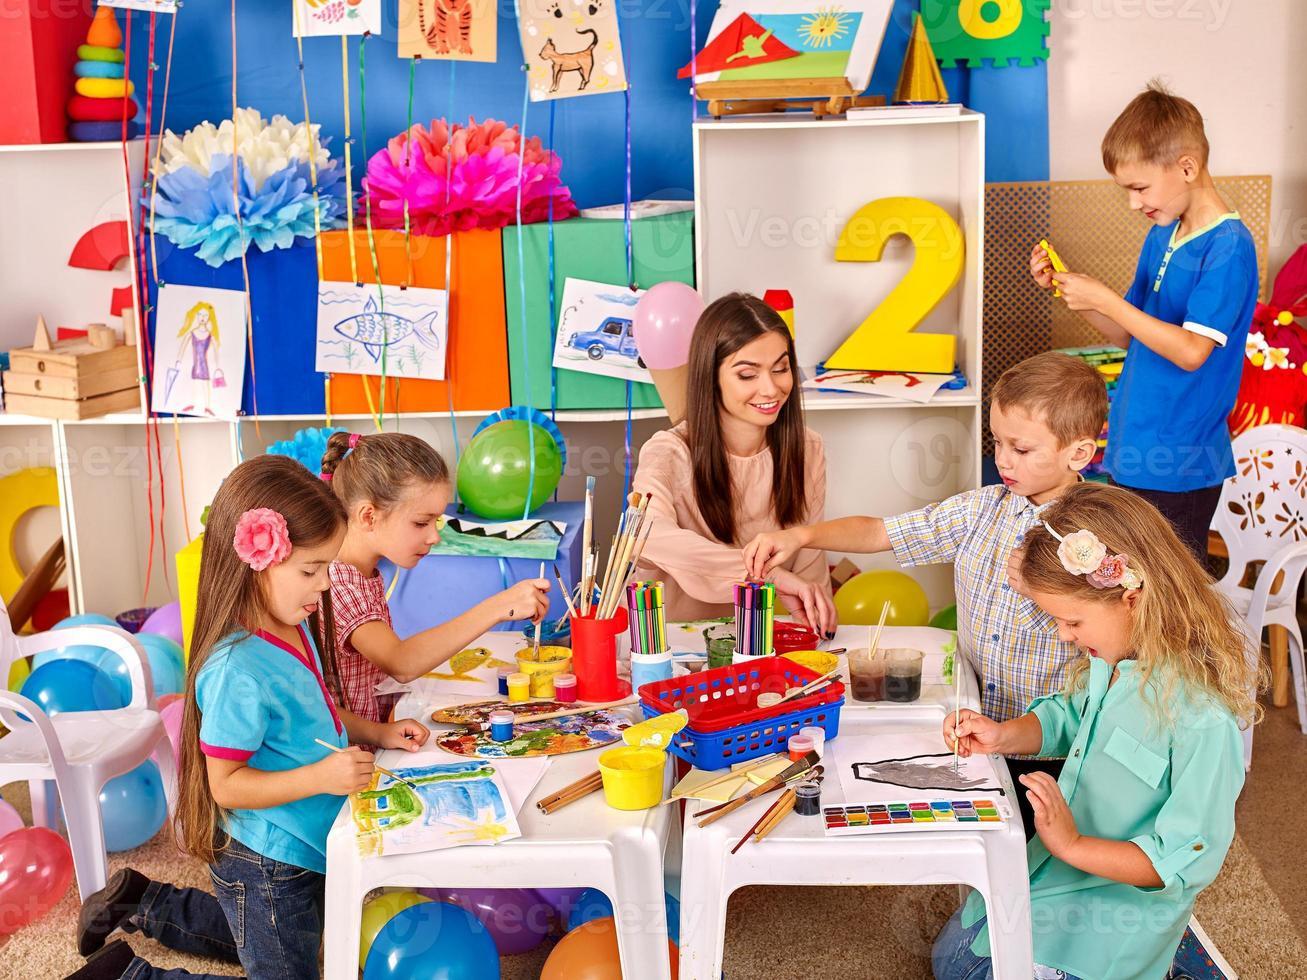 gosses, tenue, papier coloré, et, colle, sur, table, dans, jardin d'enfants photo